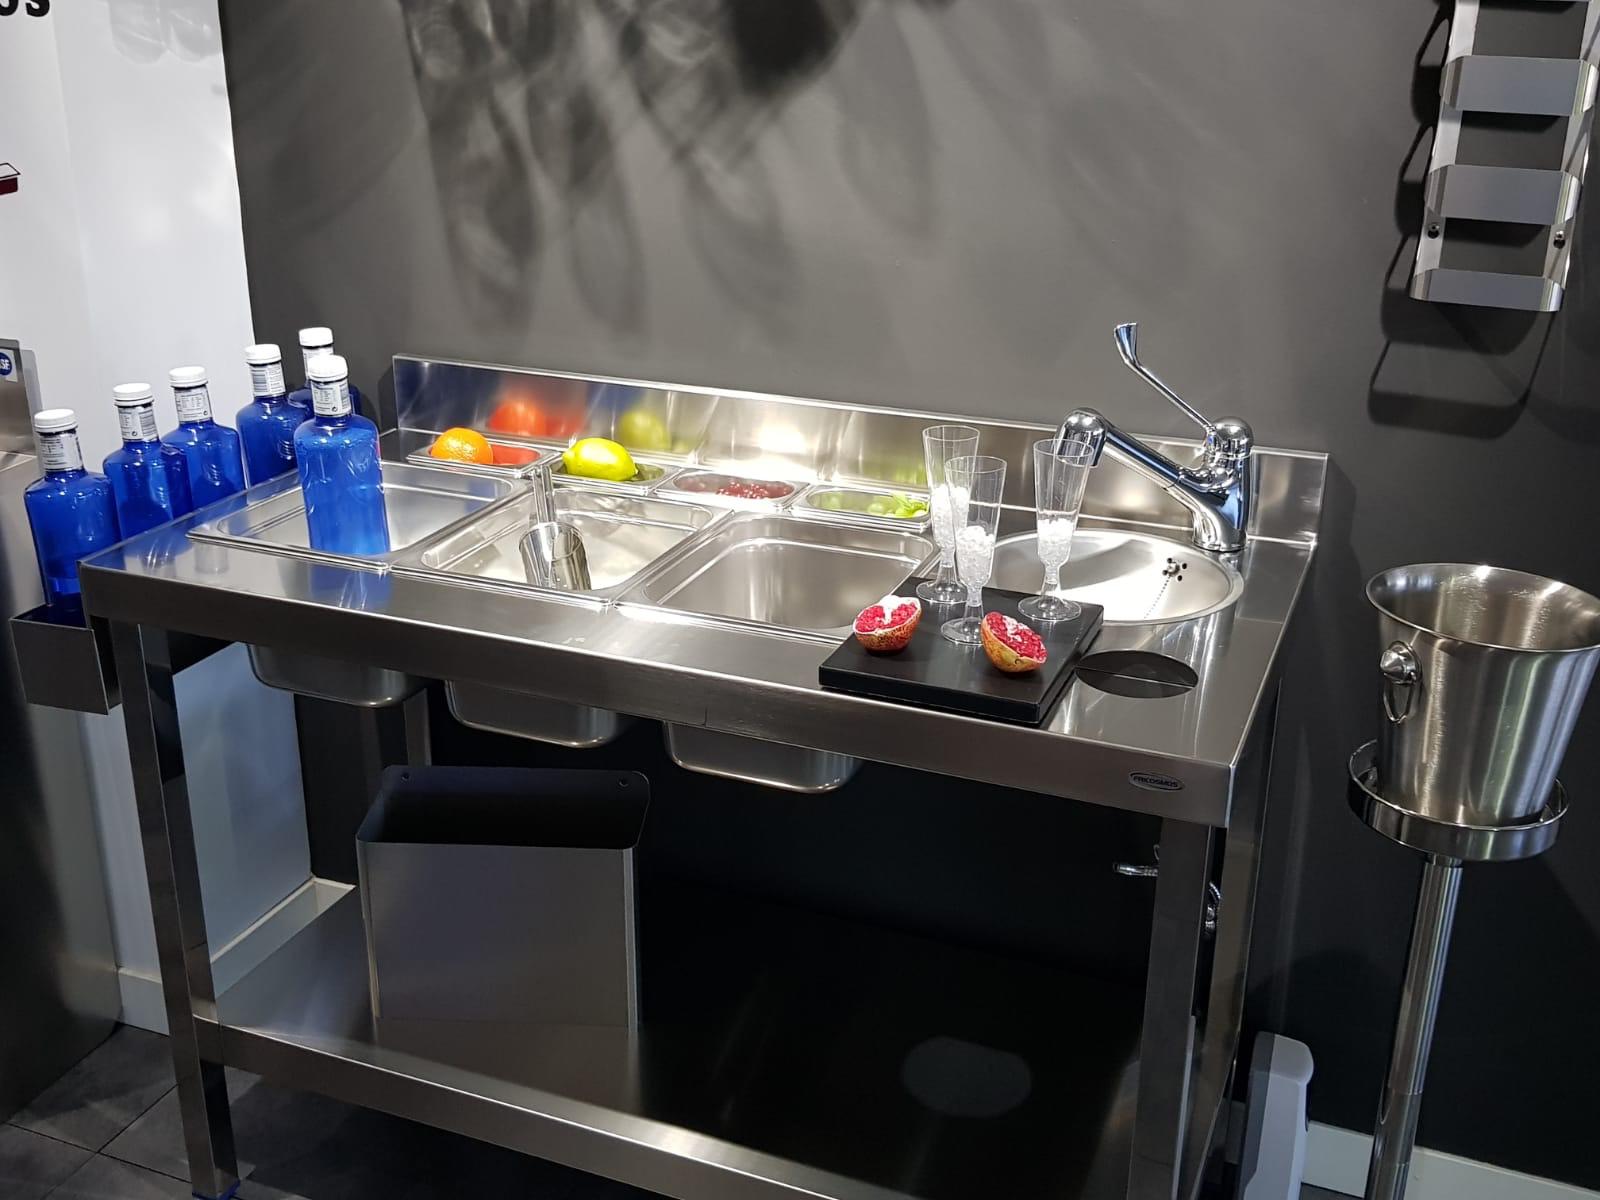 diseño fabricación fabricantes mobiliario maquinario accesorios acero inox acero inoxidable cocteleria cocktel instaladores instalación en toda españa madrid 2018 fabrica